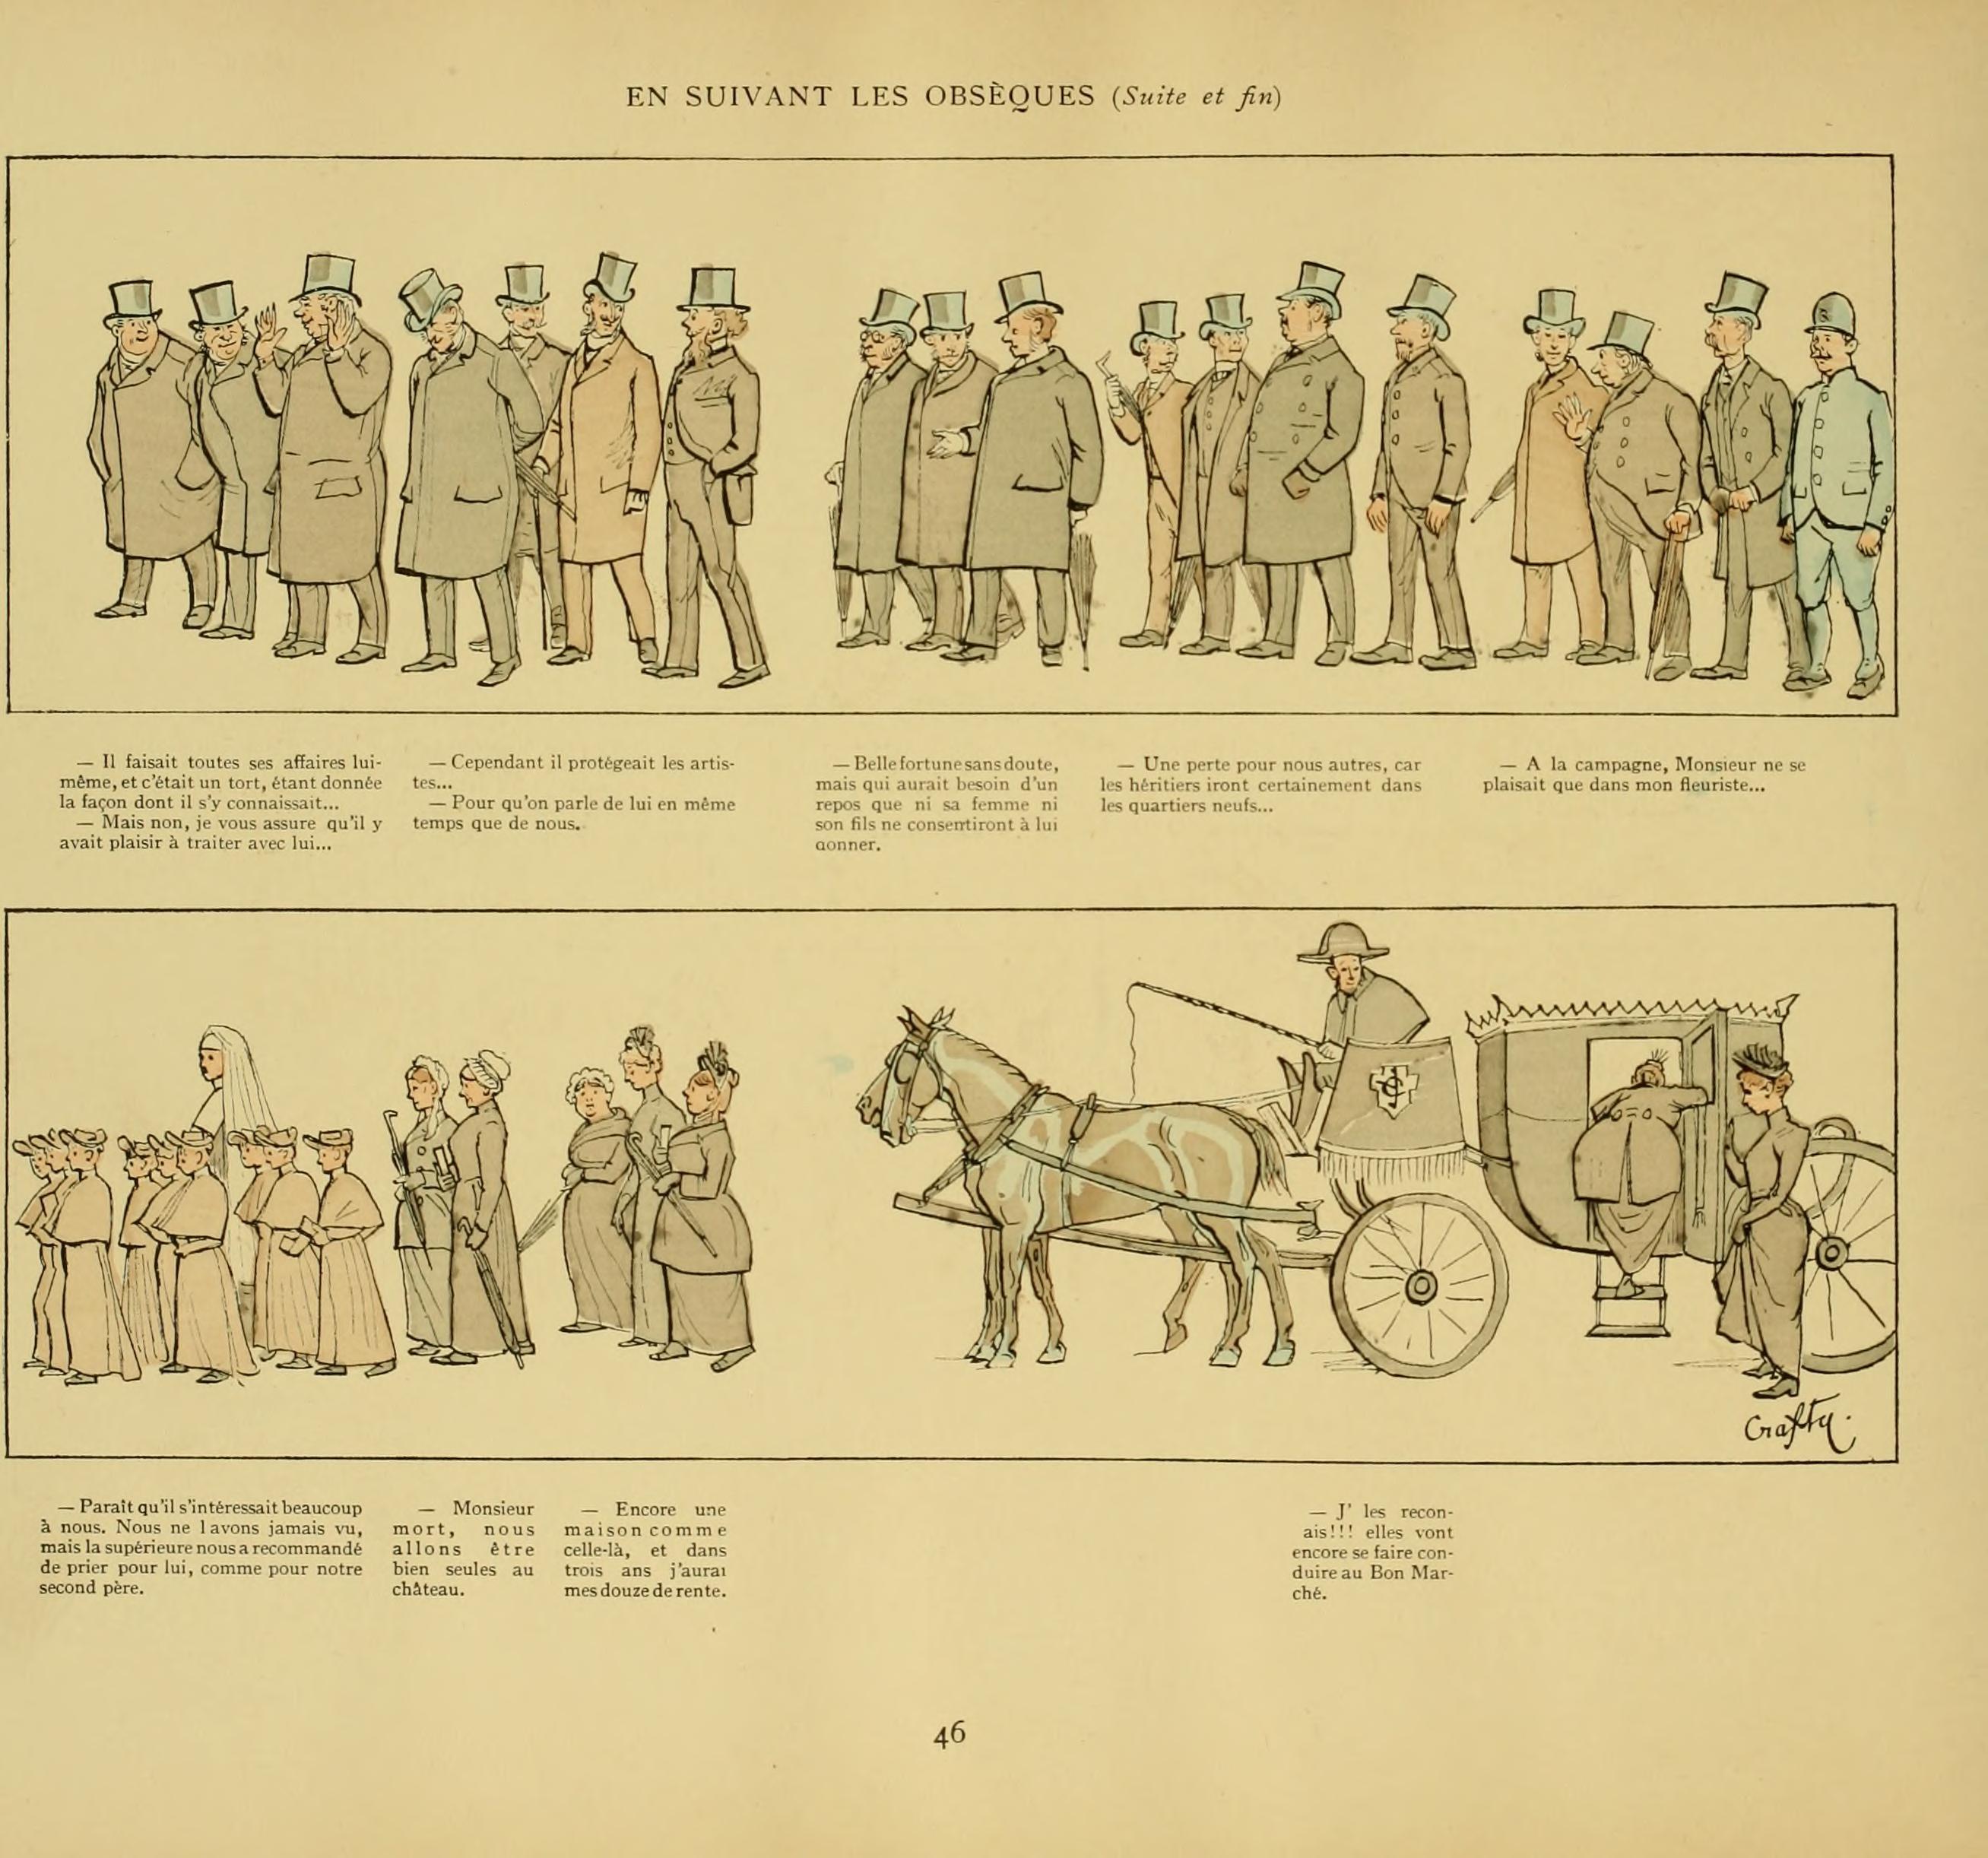 Www Un Temps Pour Elles Com file:a travers paris (page 46) bhl25262262 - wikimedia